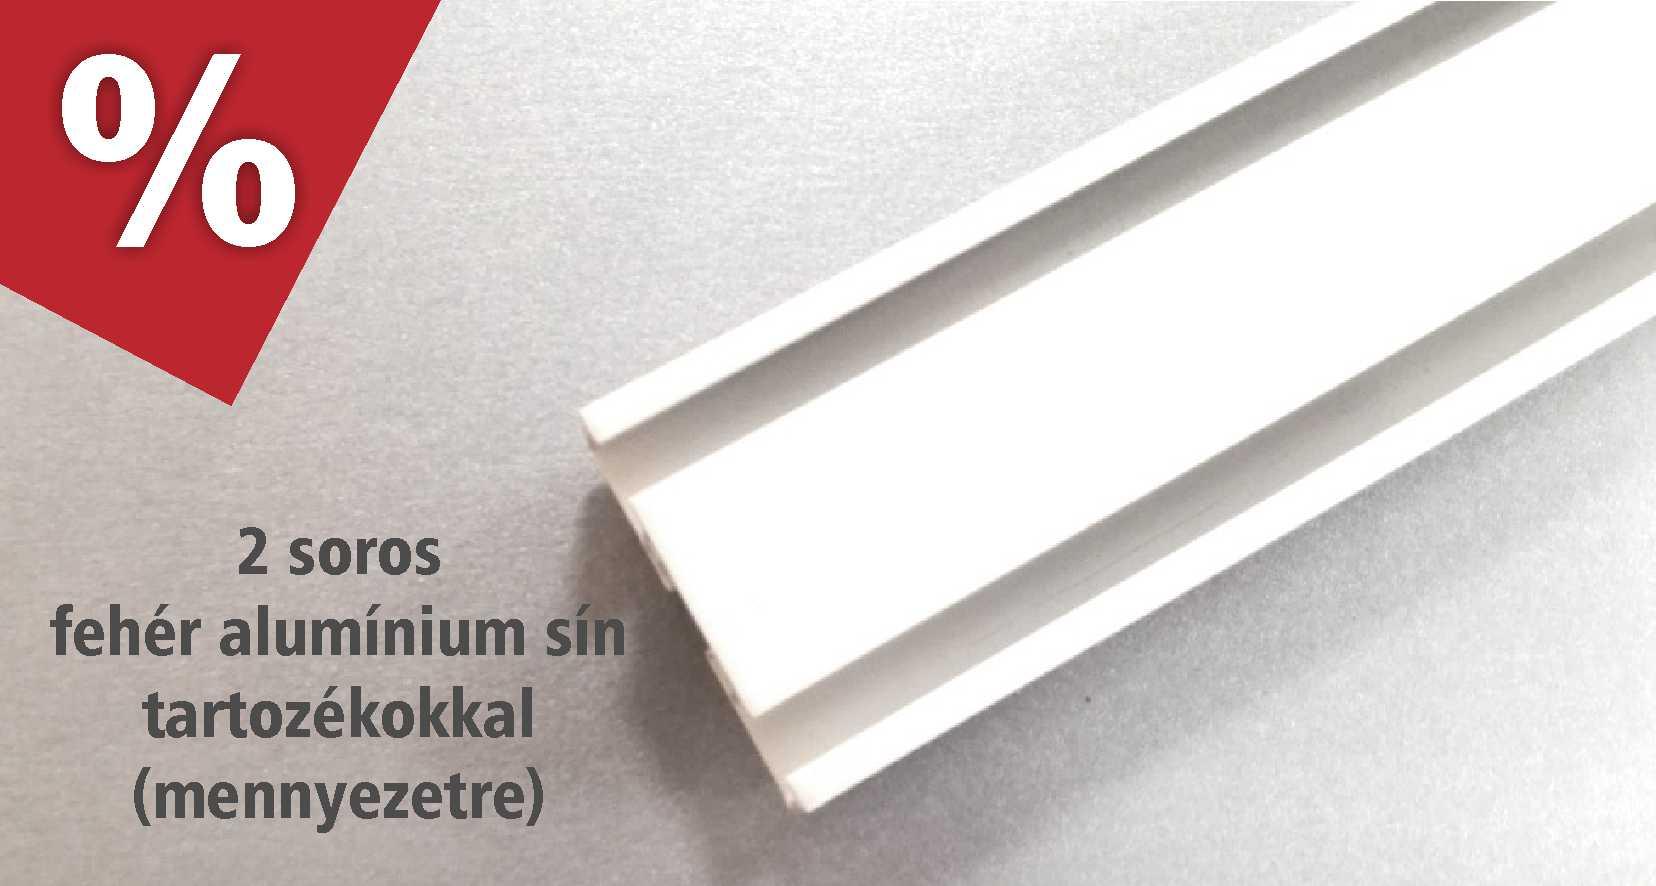 2 soros alumínium sínek tartozékcsomaggal több méretben - 10% kedvezménnyel szeptemberben - www.karnisstudio.hu